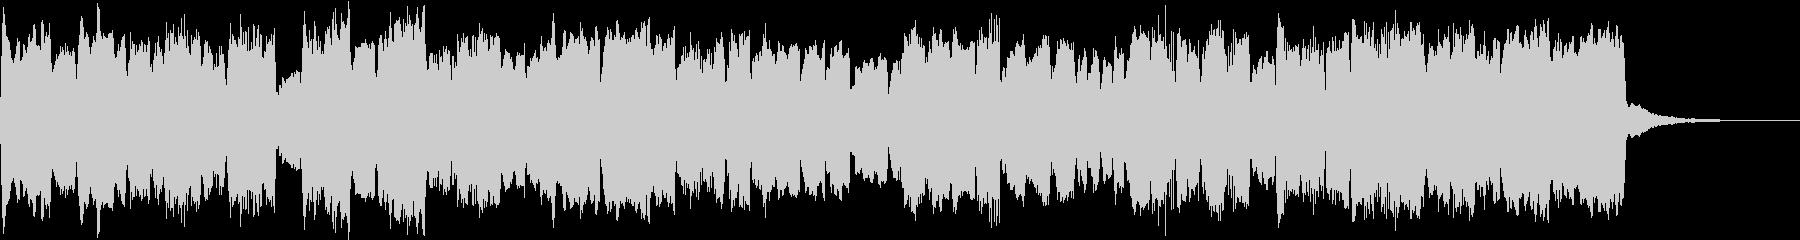 ほのぼのクリスマス、パイプオルガンの小曲の未再生の波形